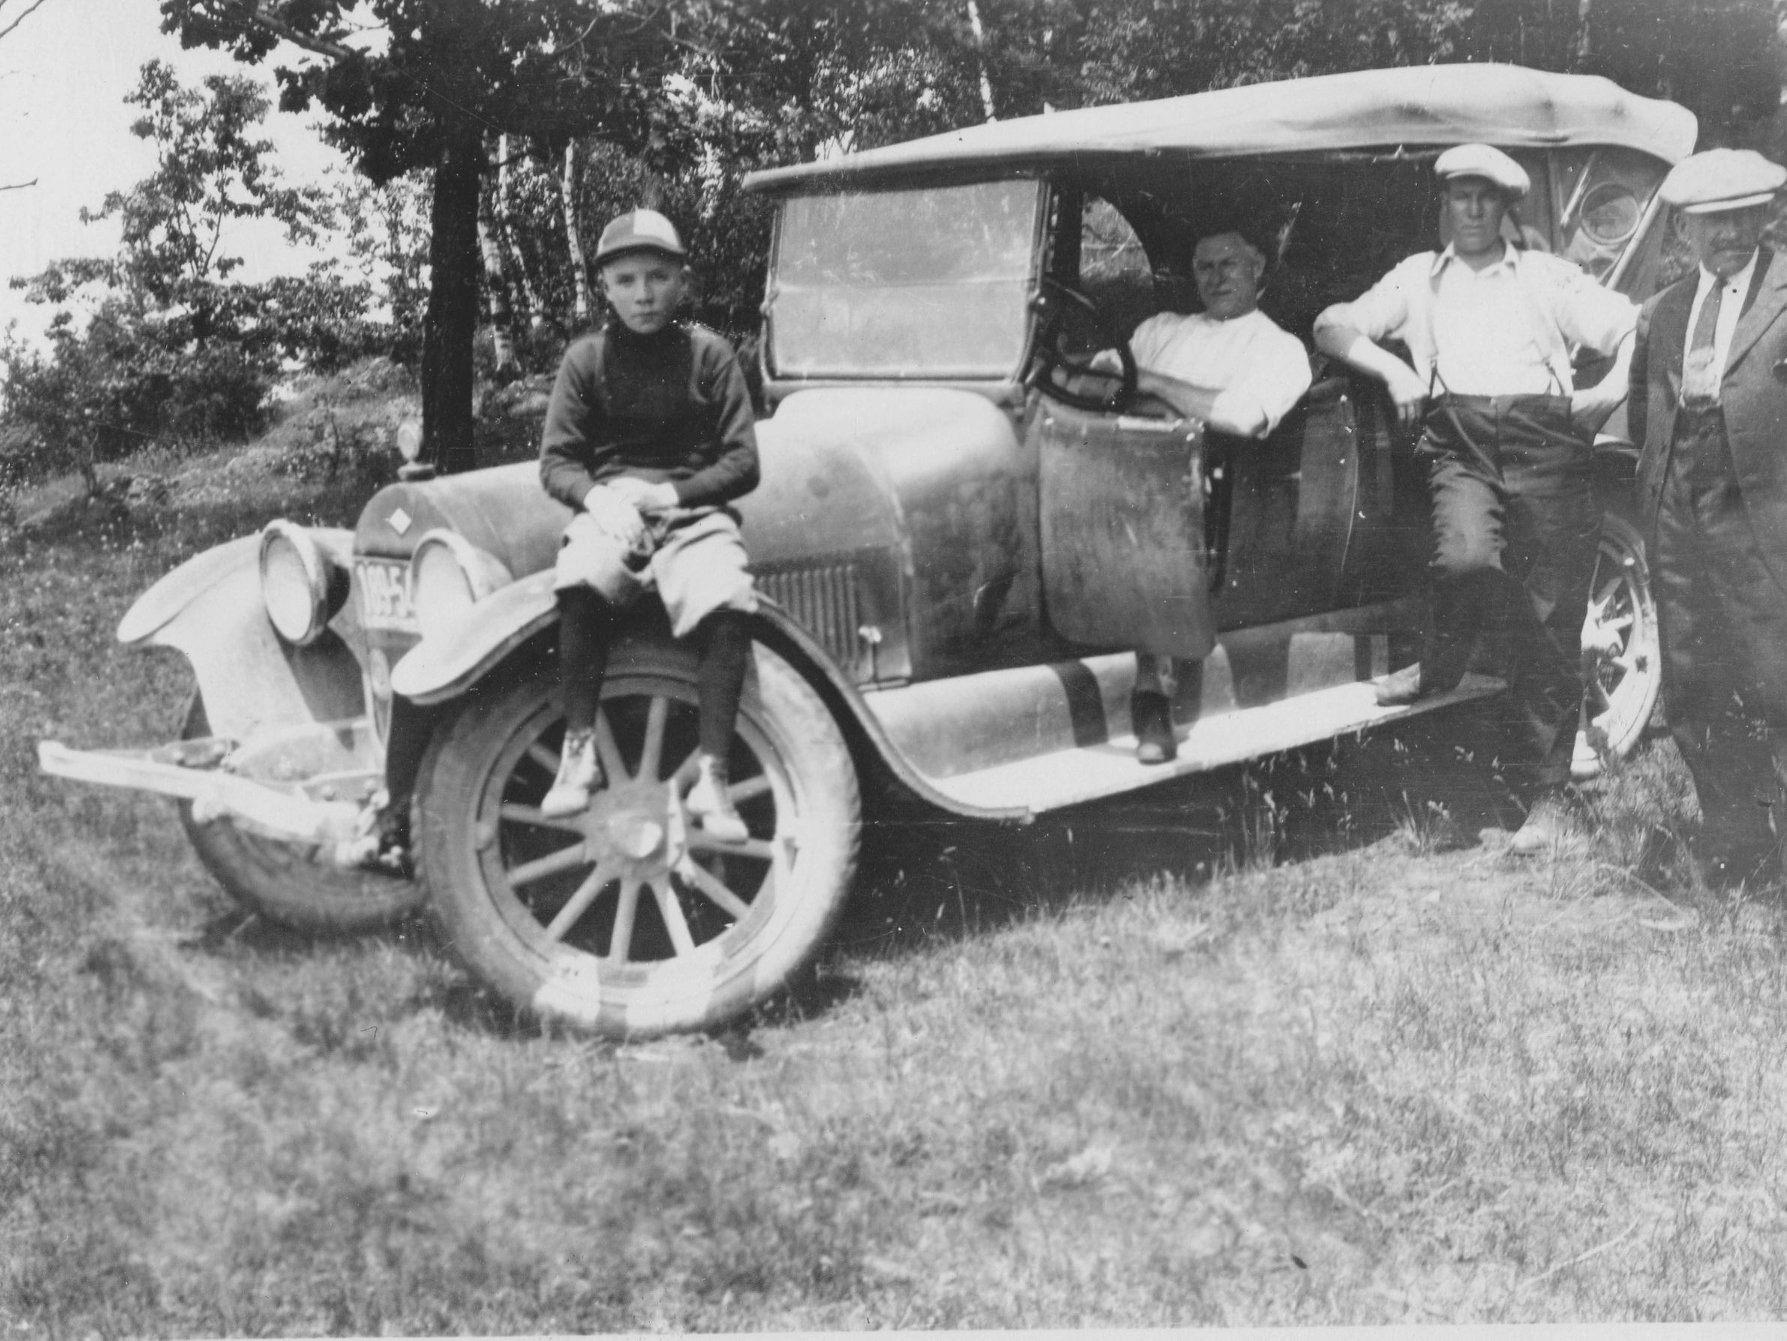 Wm Sanderson vehicle